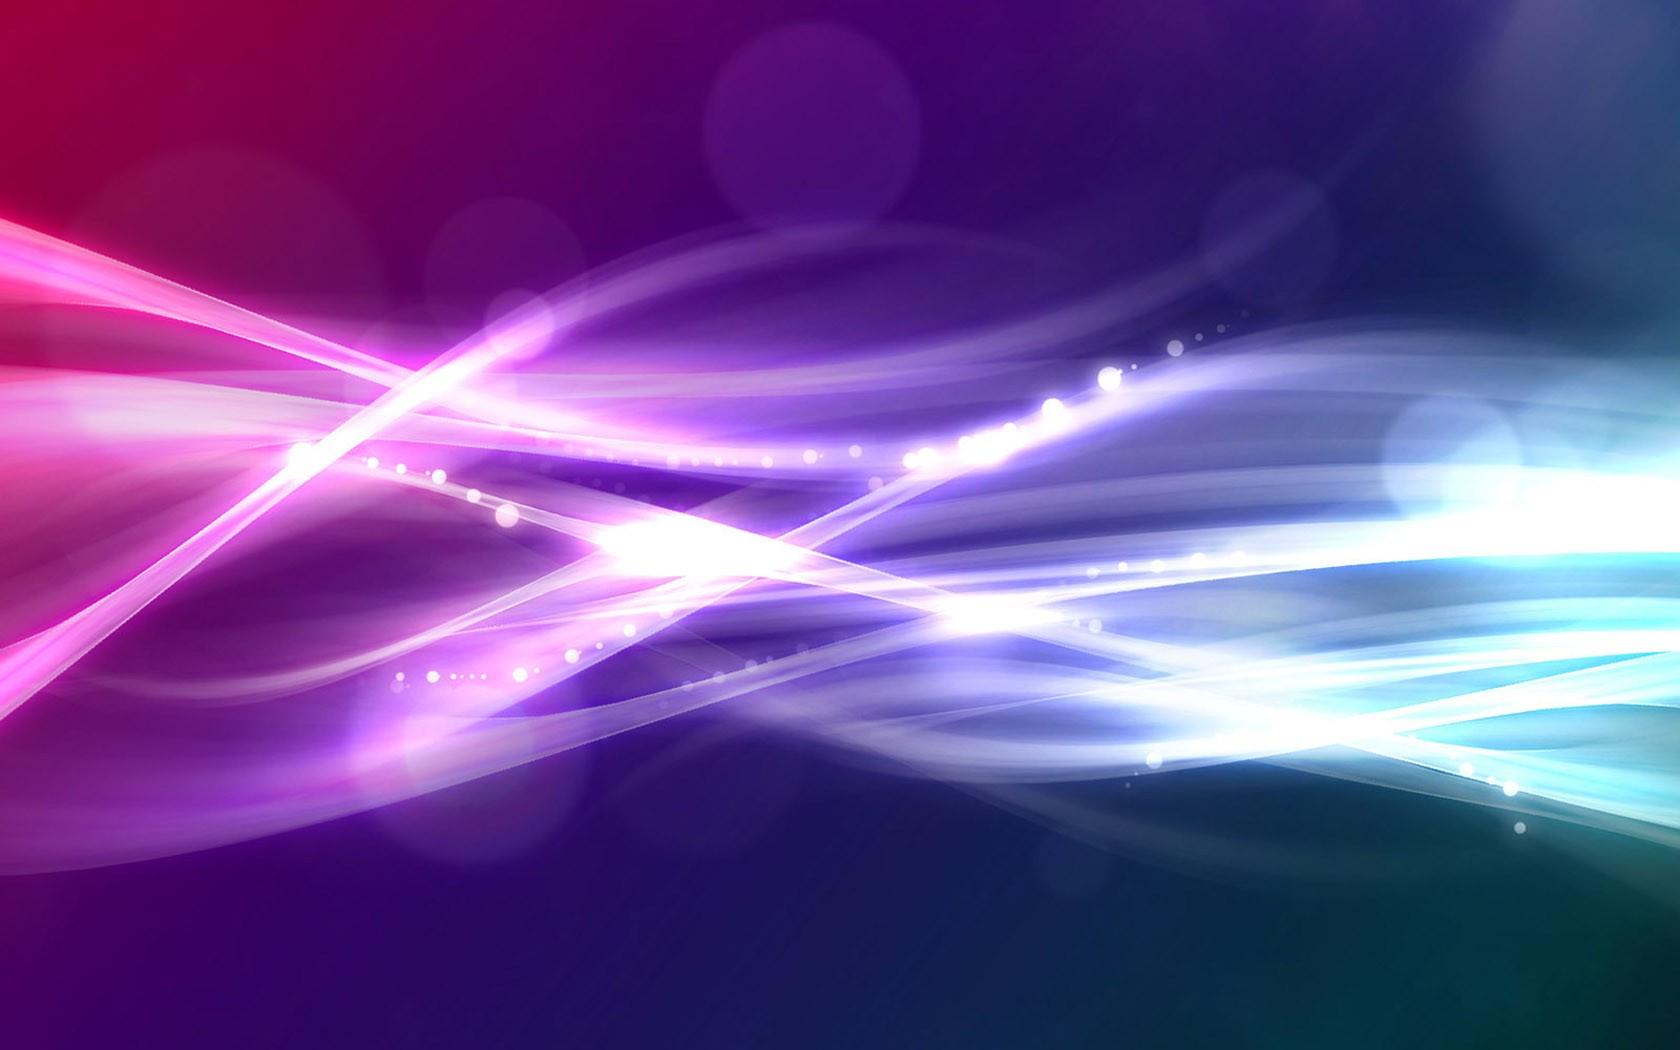 デスクトップ壁紙 抽象 スペース 空 紫の バイオレット 青